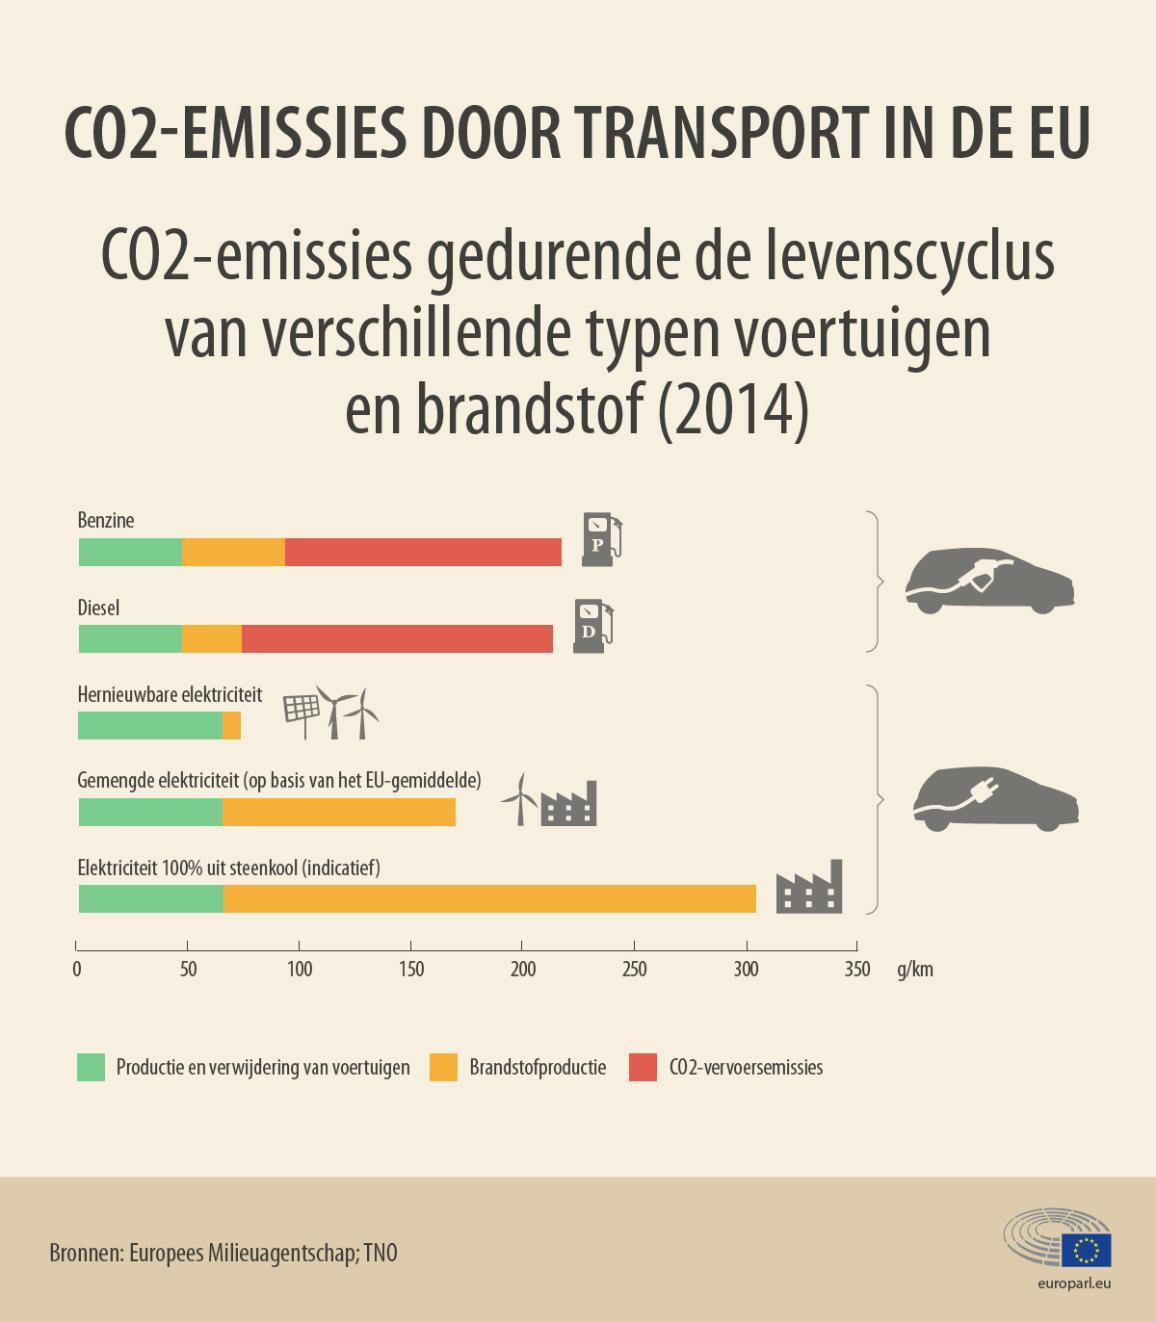 Infografiek over het aantal CO2-emissies in de EU veroorzaakt per vervoerswijze en per type brandstof.